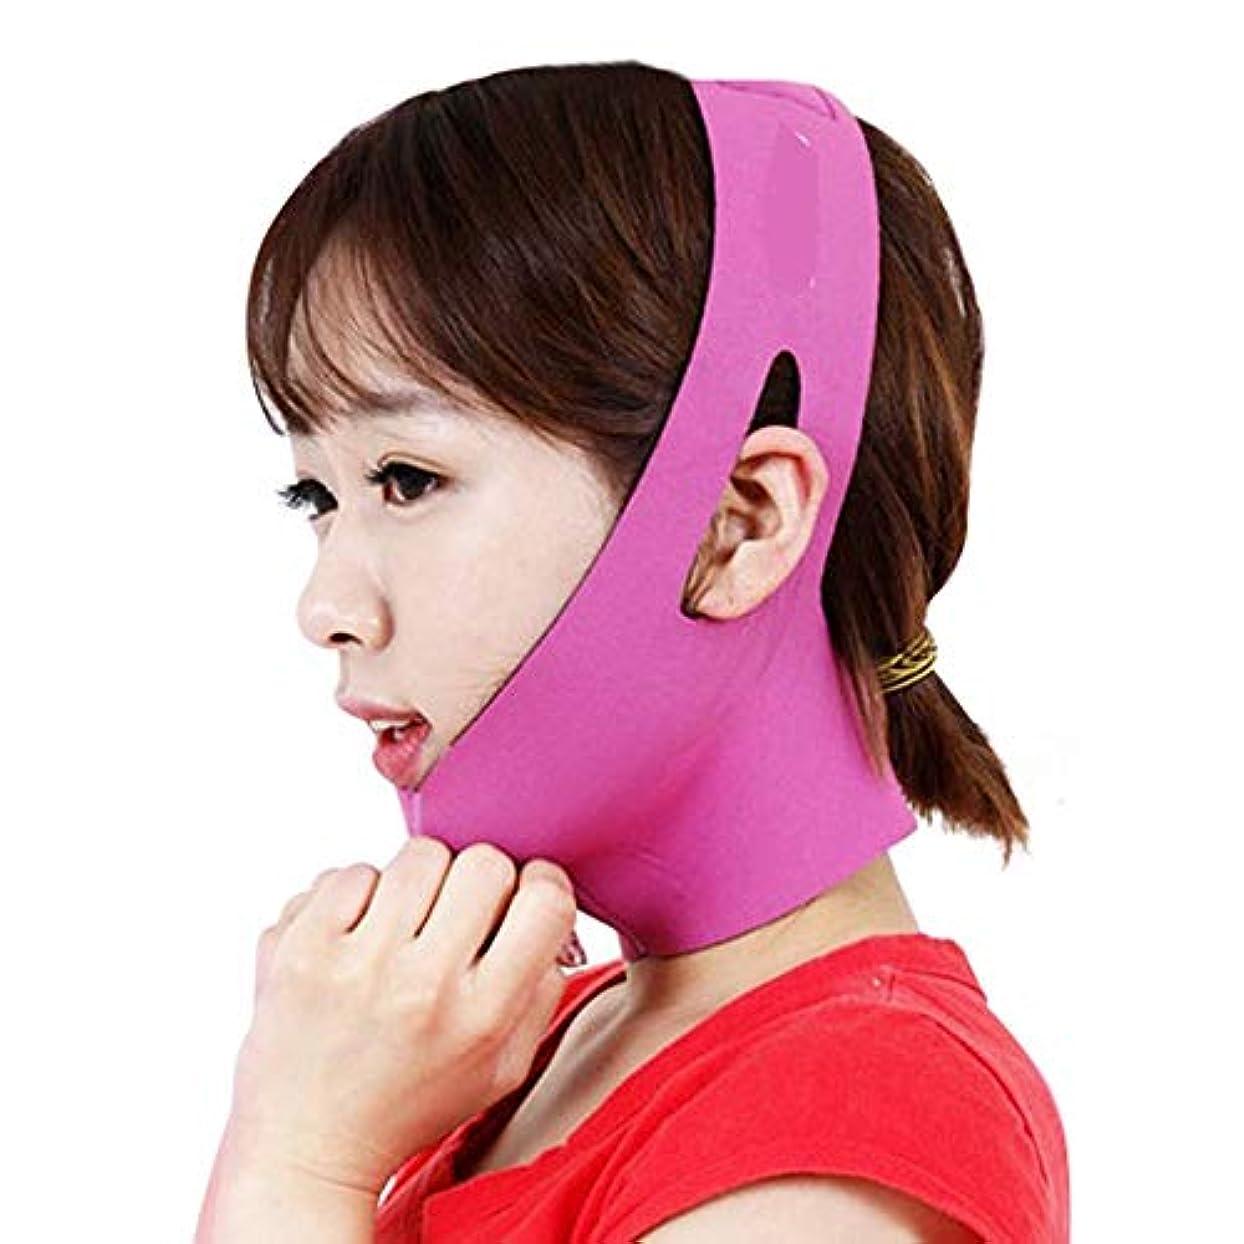 努力簡潔なオセアニアフェイシャルリフティング痩身ベルト圧縮二重あご減量ベルトスキンケア薄い顔包帯二重あごワークアウト (色 : Pink)